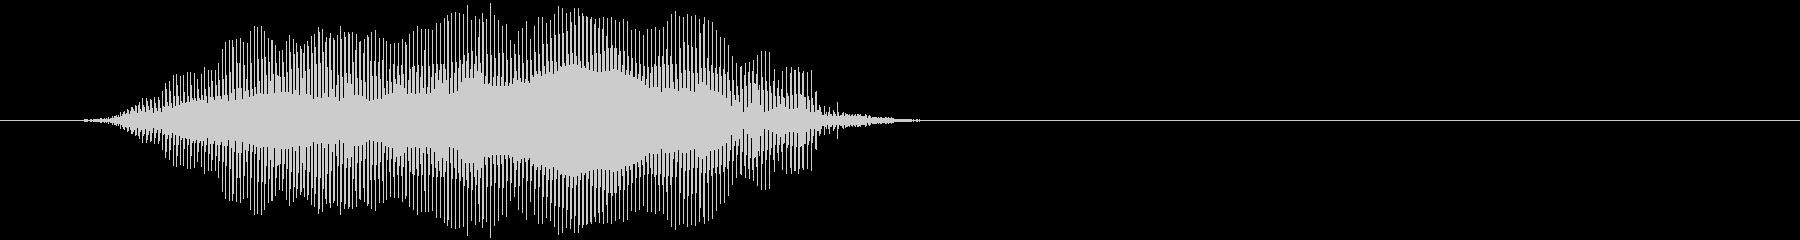 「猫の鳴き声008」にゃーの未再生の波形